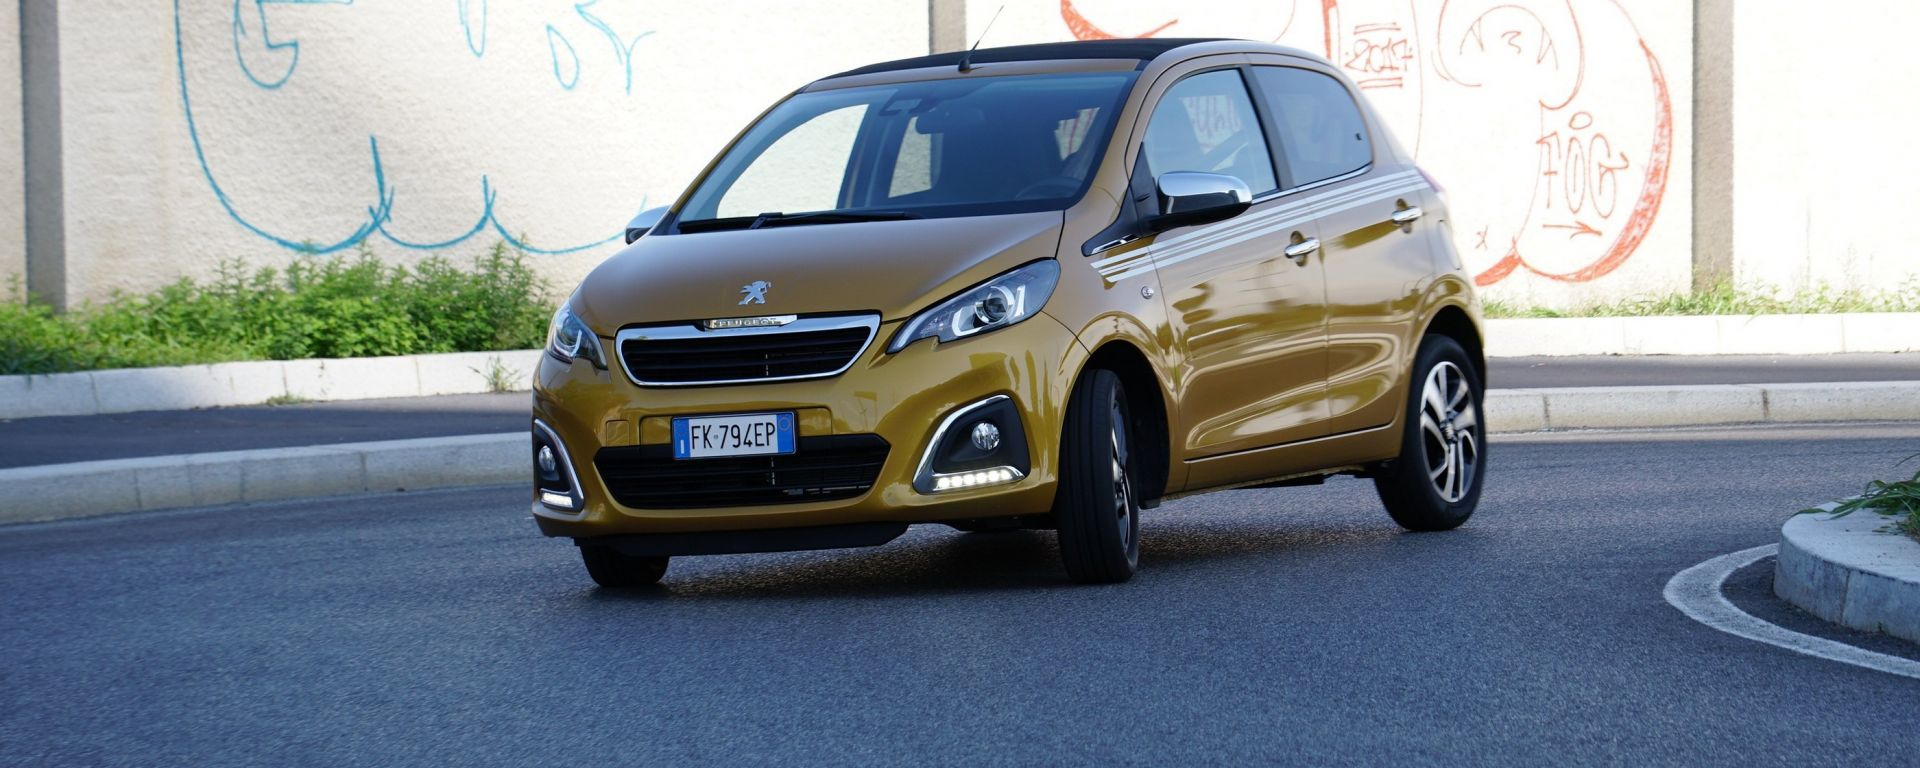 Peugeot 108: la prova dei consumi